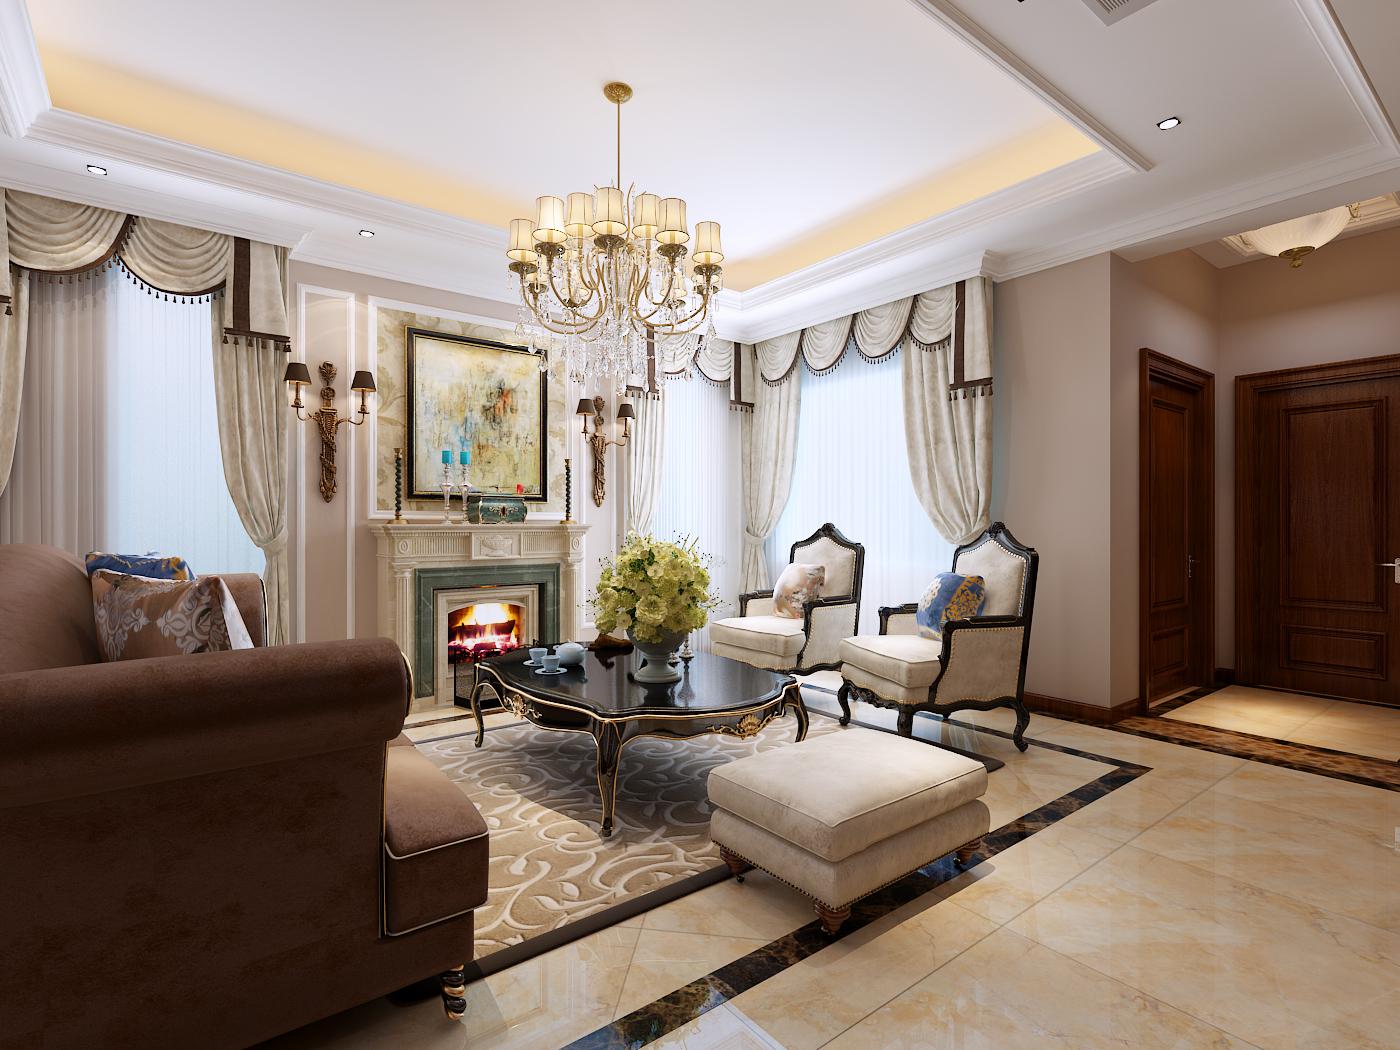 龙湖滟澜海 欧式 别墅 客厅图片来自青岛生活家家居科技有限公司在龙湖滟澜海岸的分享